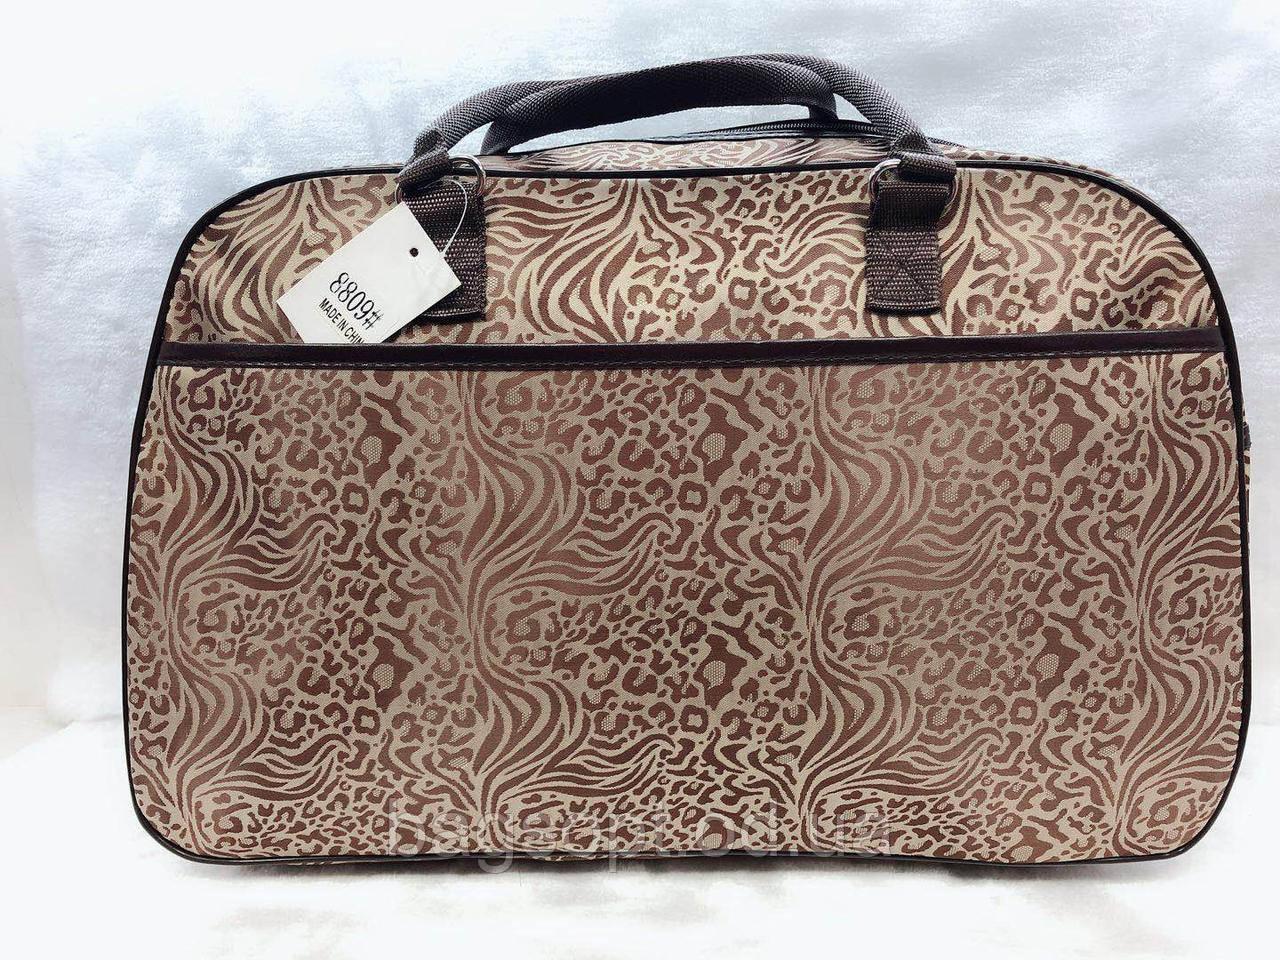 Вместительная дорожная женская сумка-саквояж текстильная для поездок